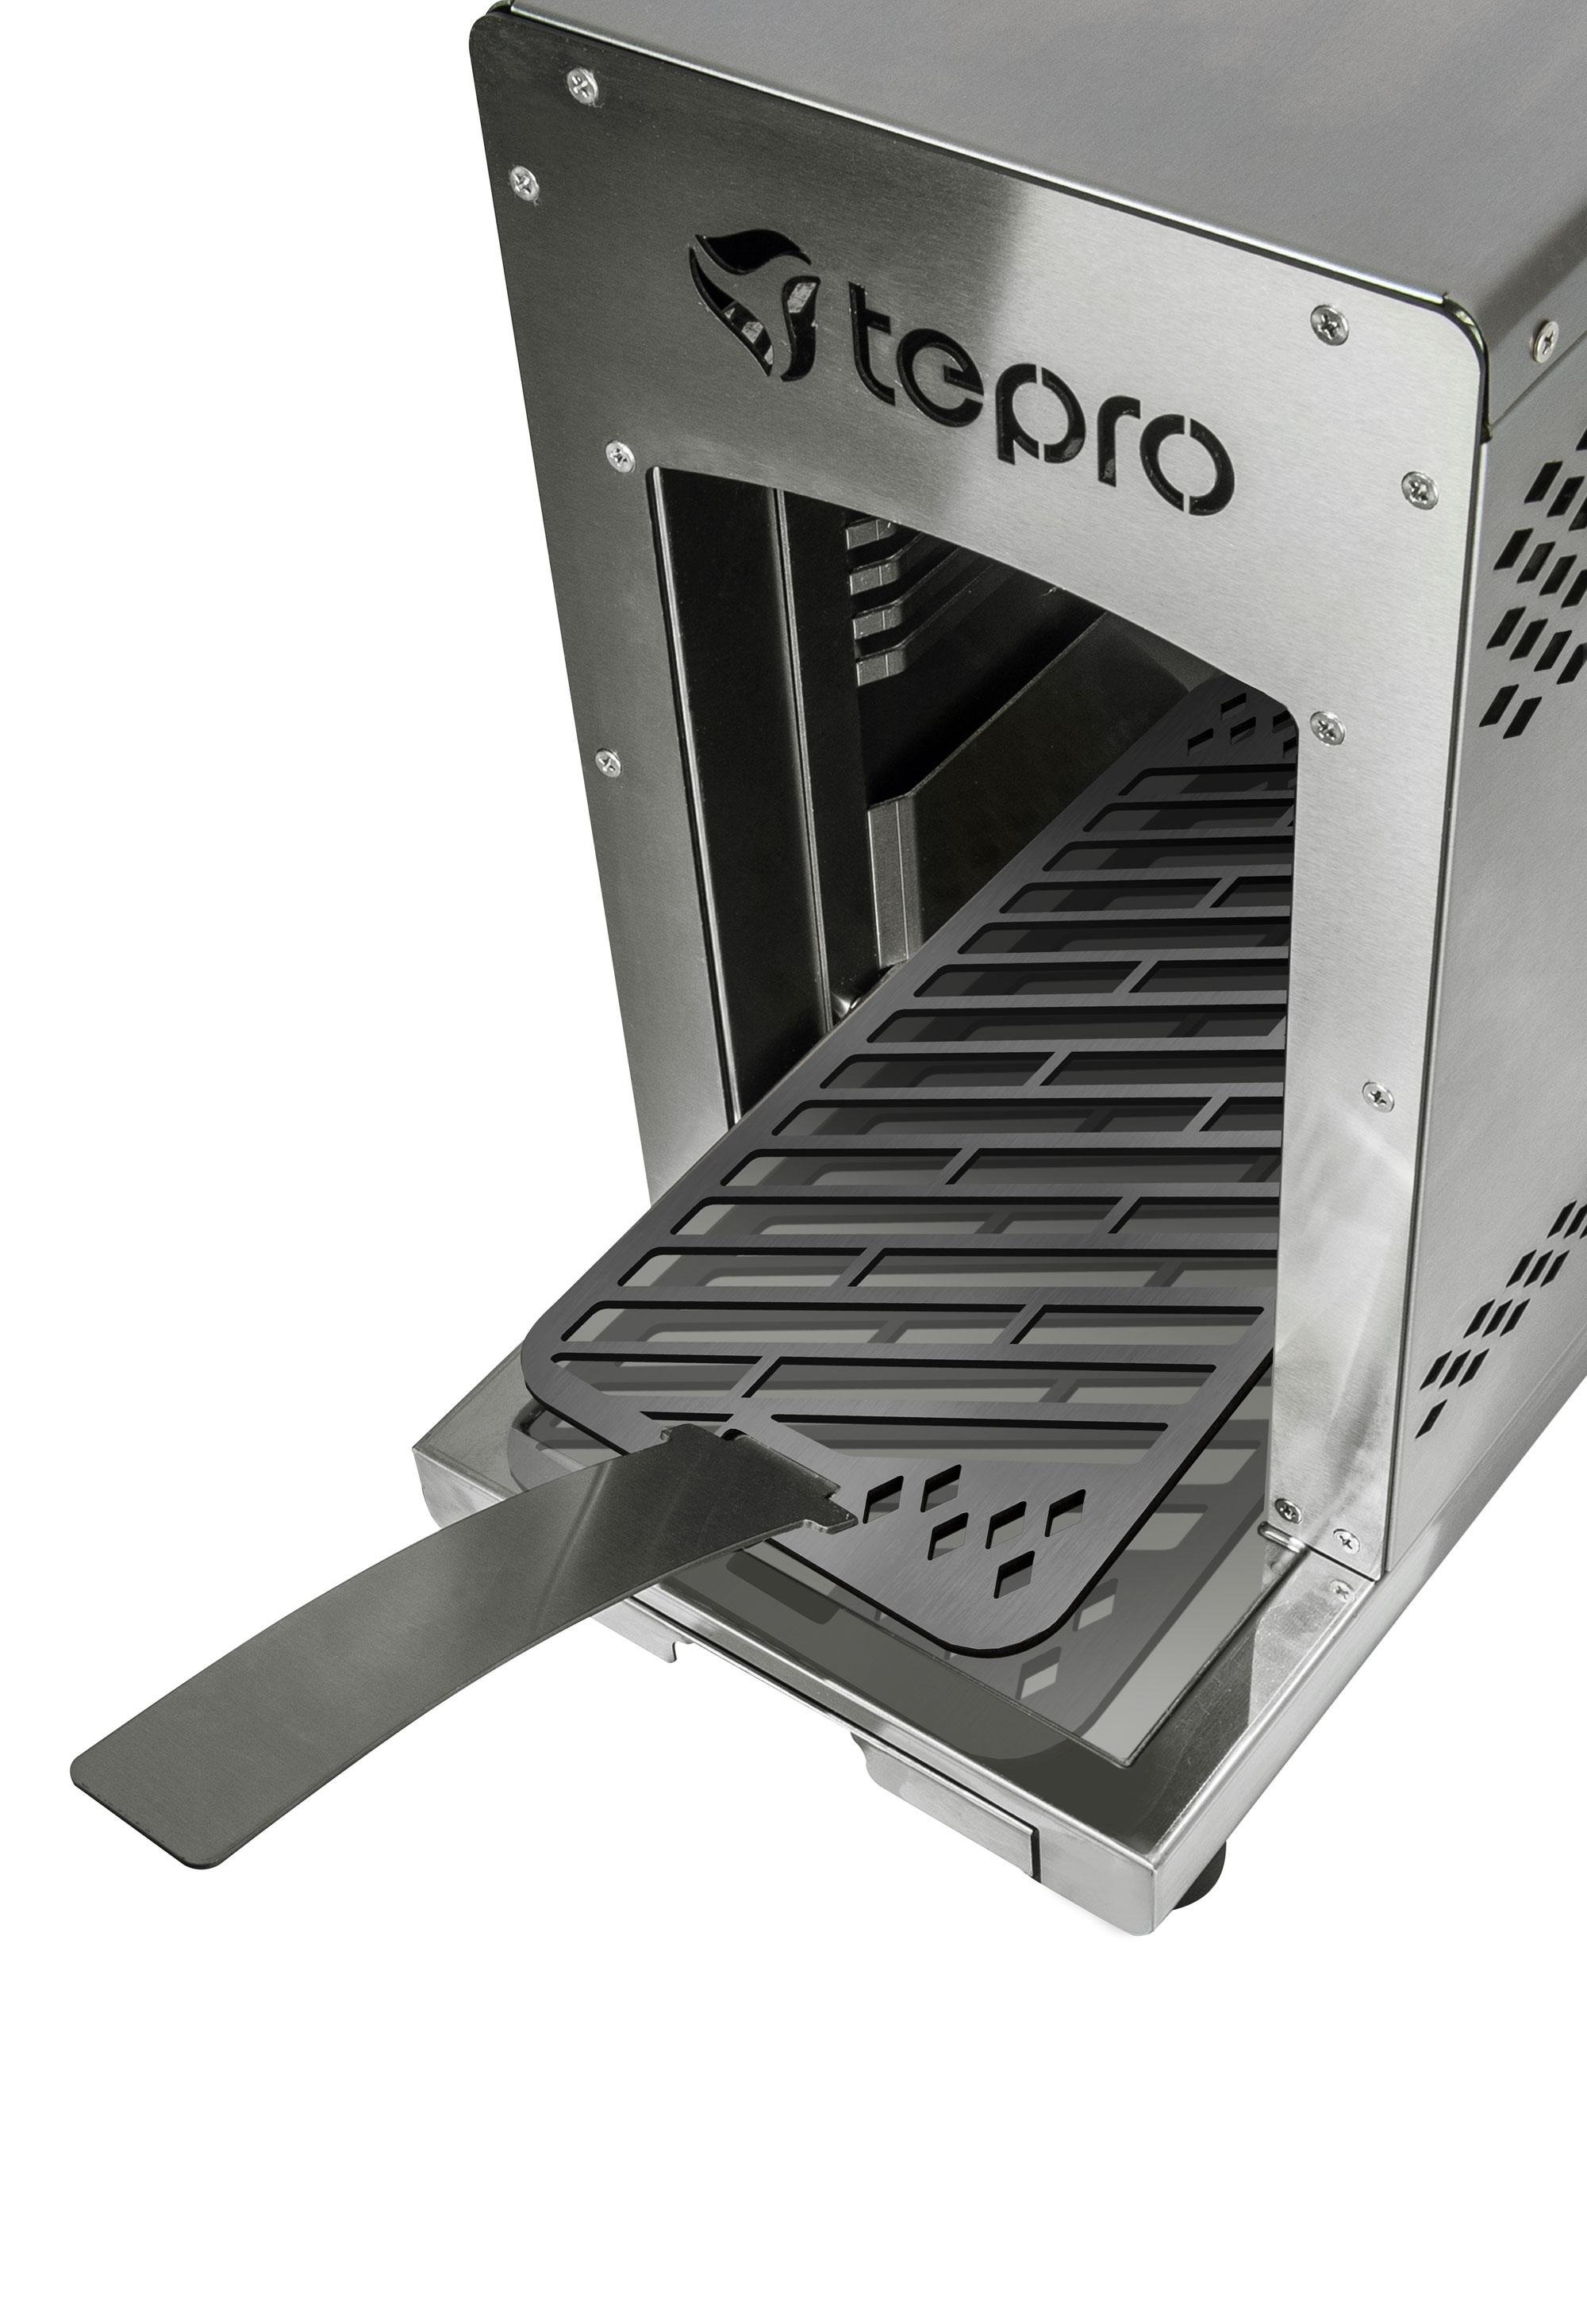 Tepro Steakgrill / Oberhitze Gasgrill / Tischgrill Toronto 31,5x15,4cm Bild 5